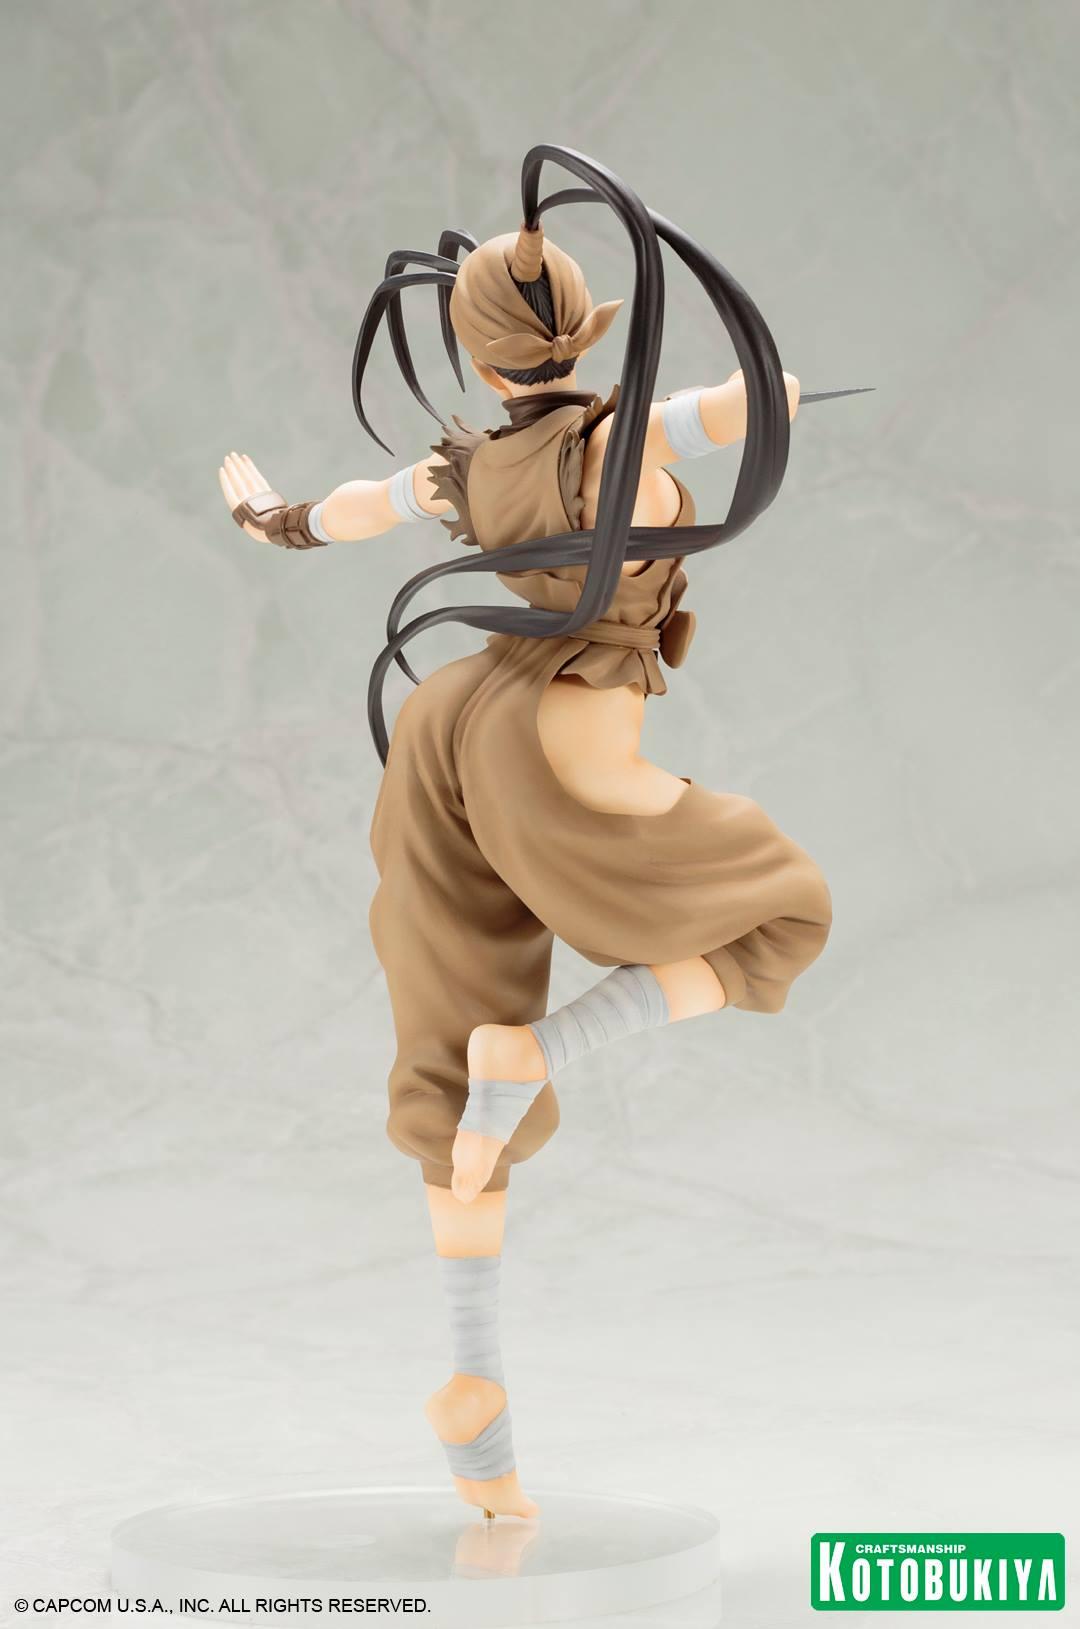 ibuki-street-fighter-bishoujo-statue-kotobukiya-2